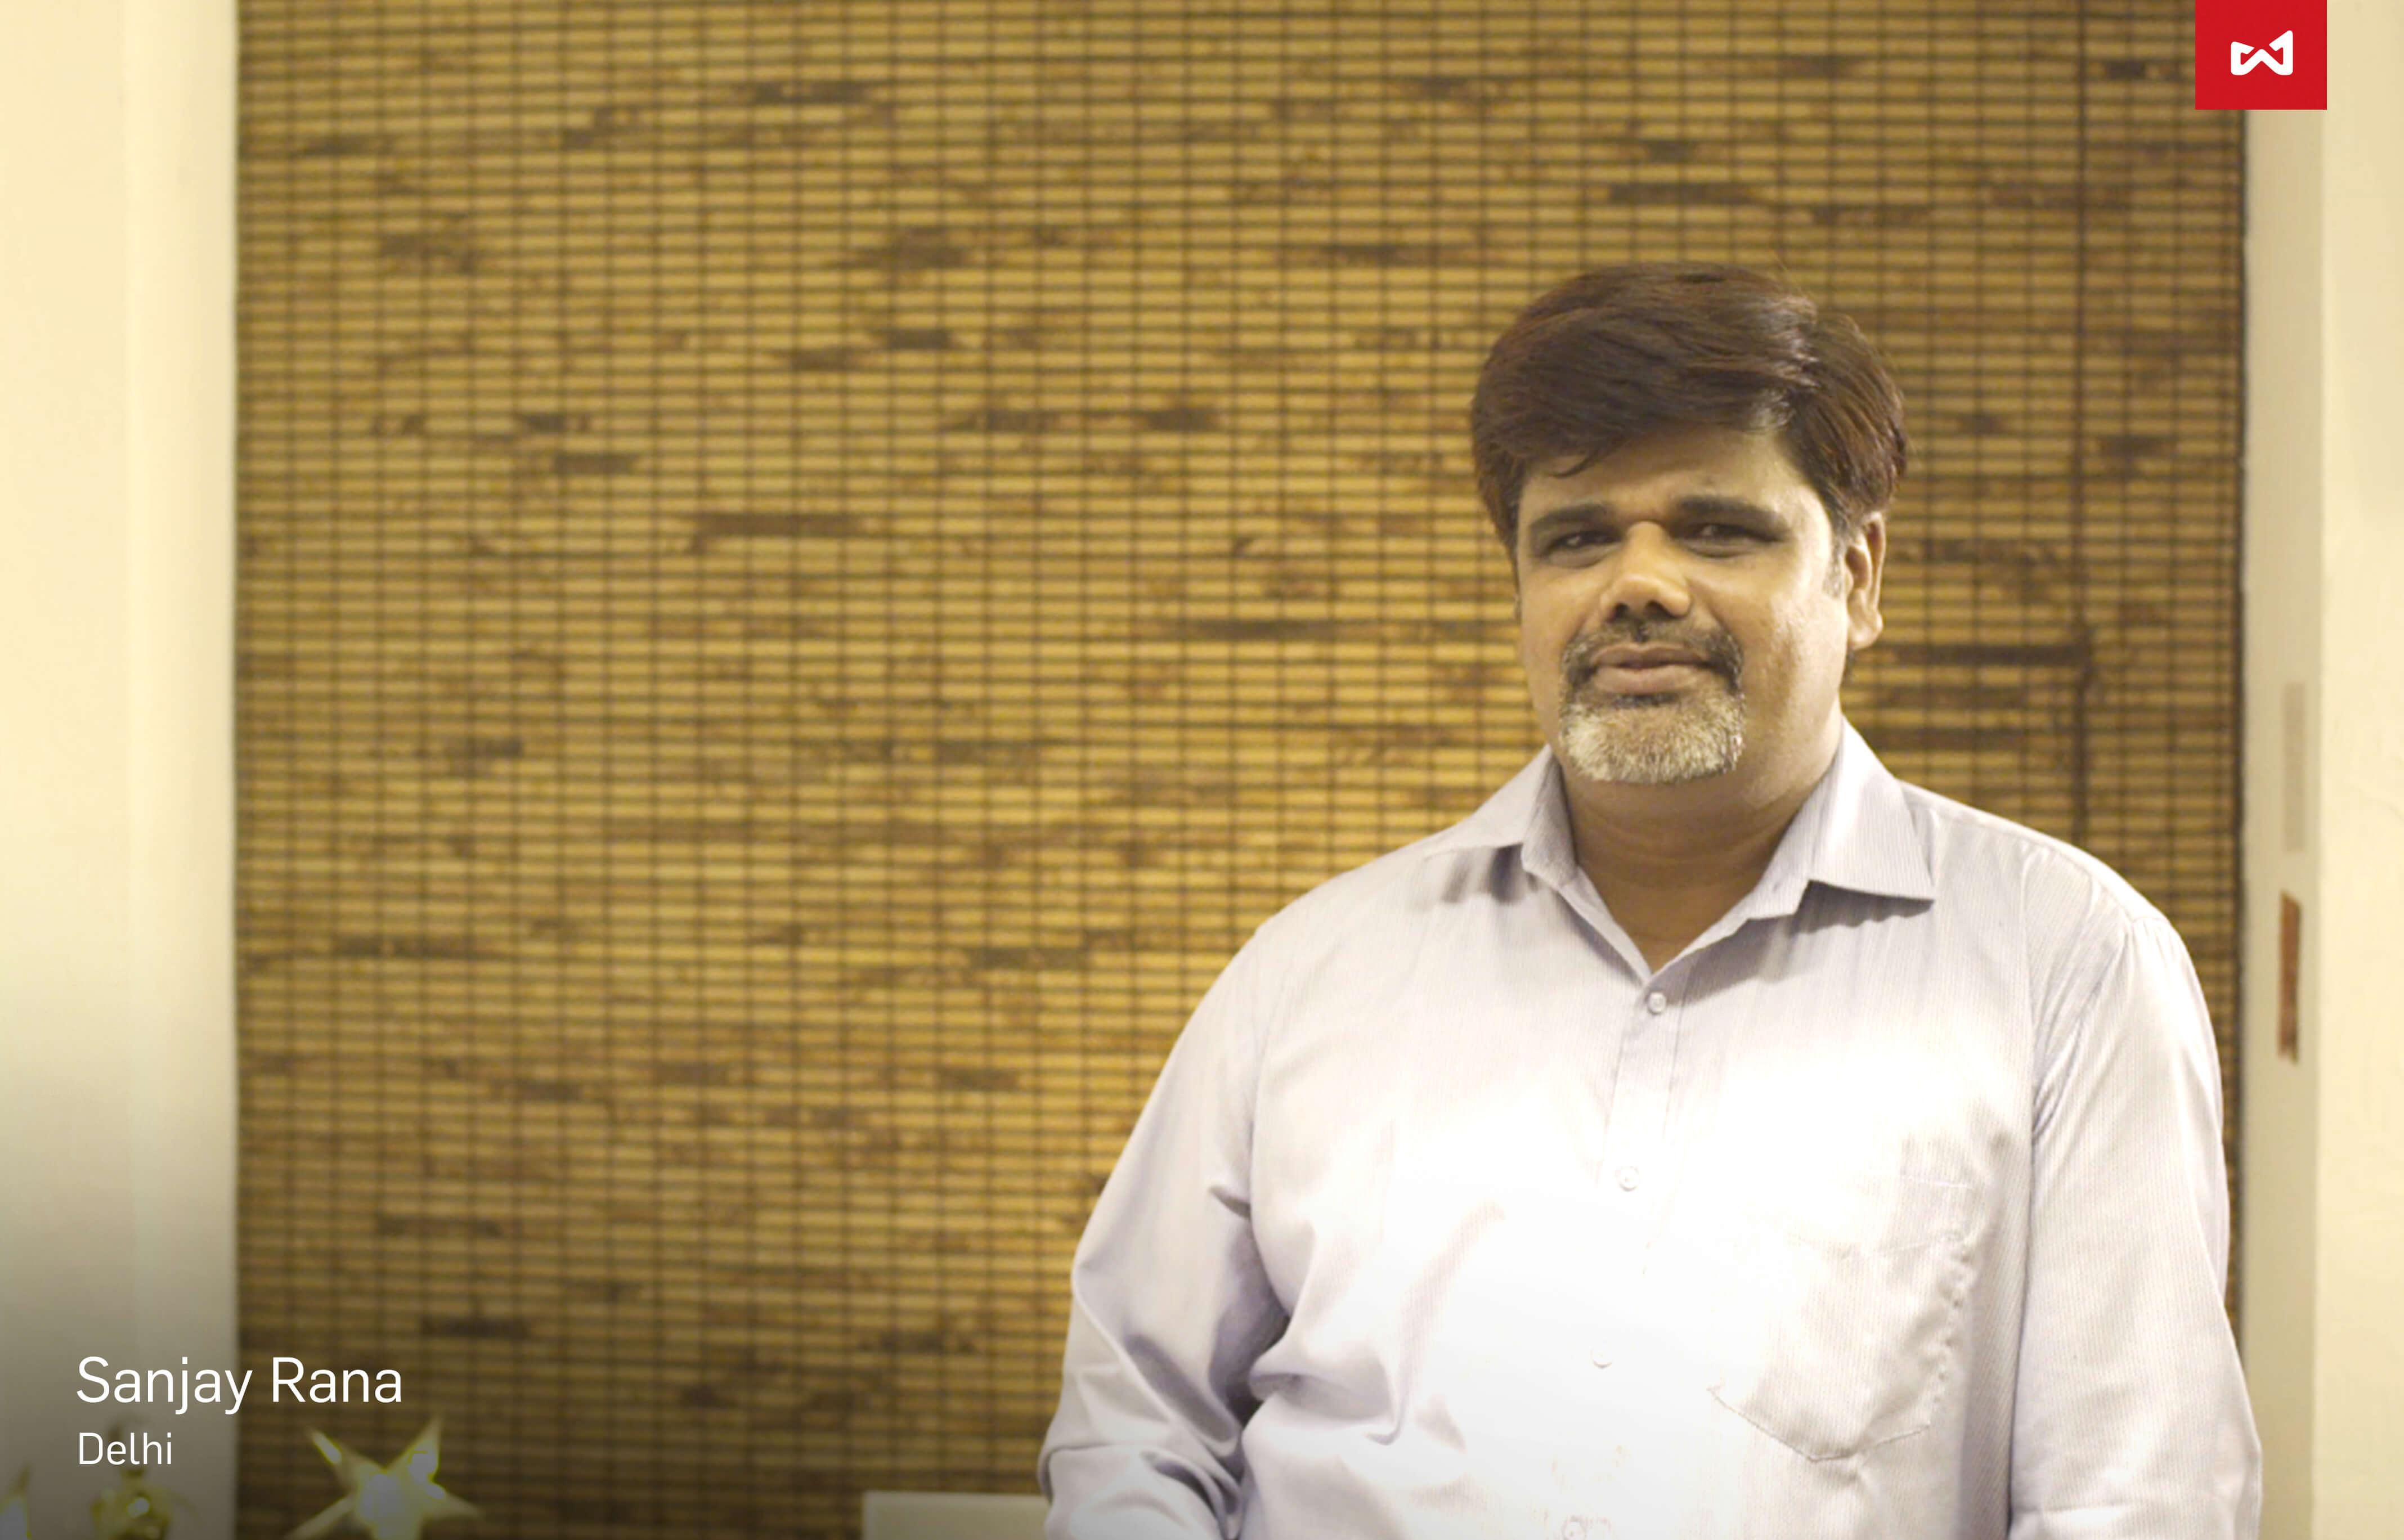 Sanjay Rana